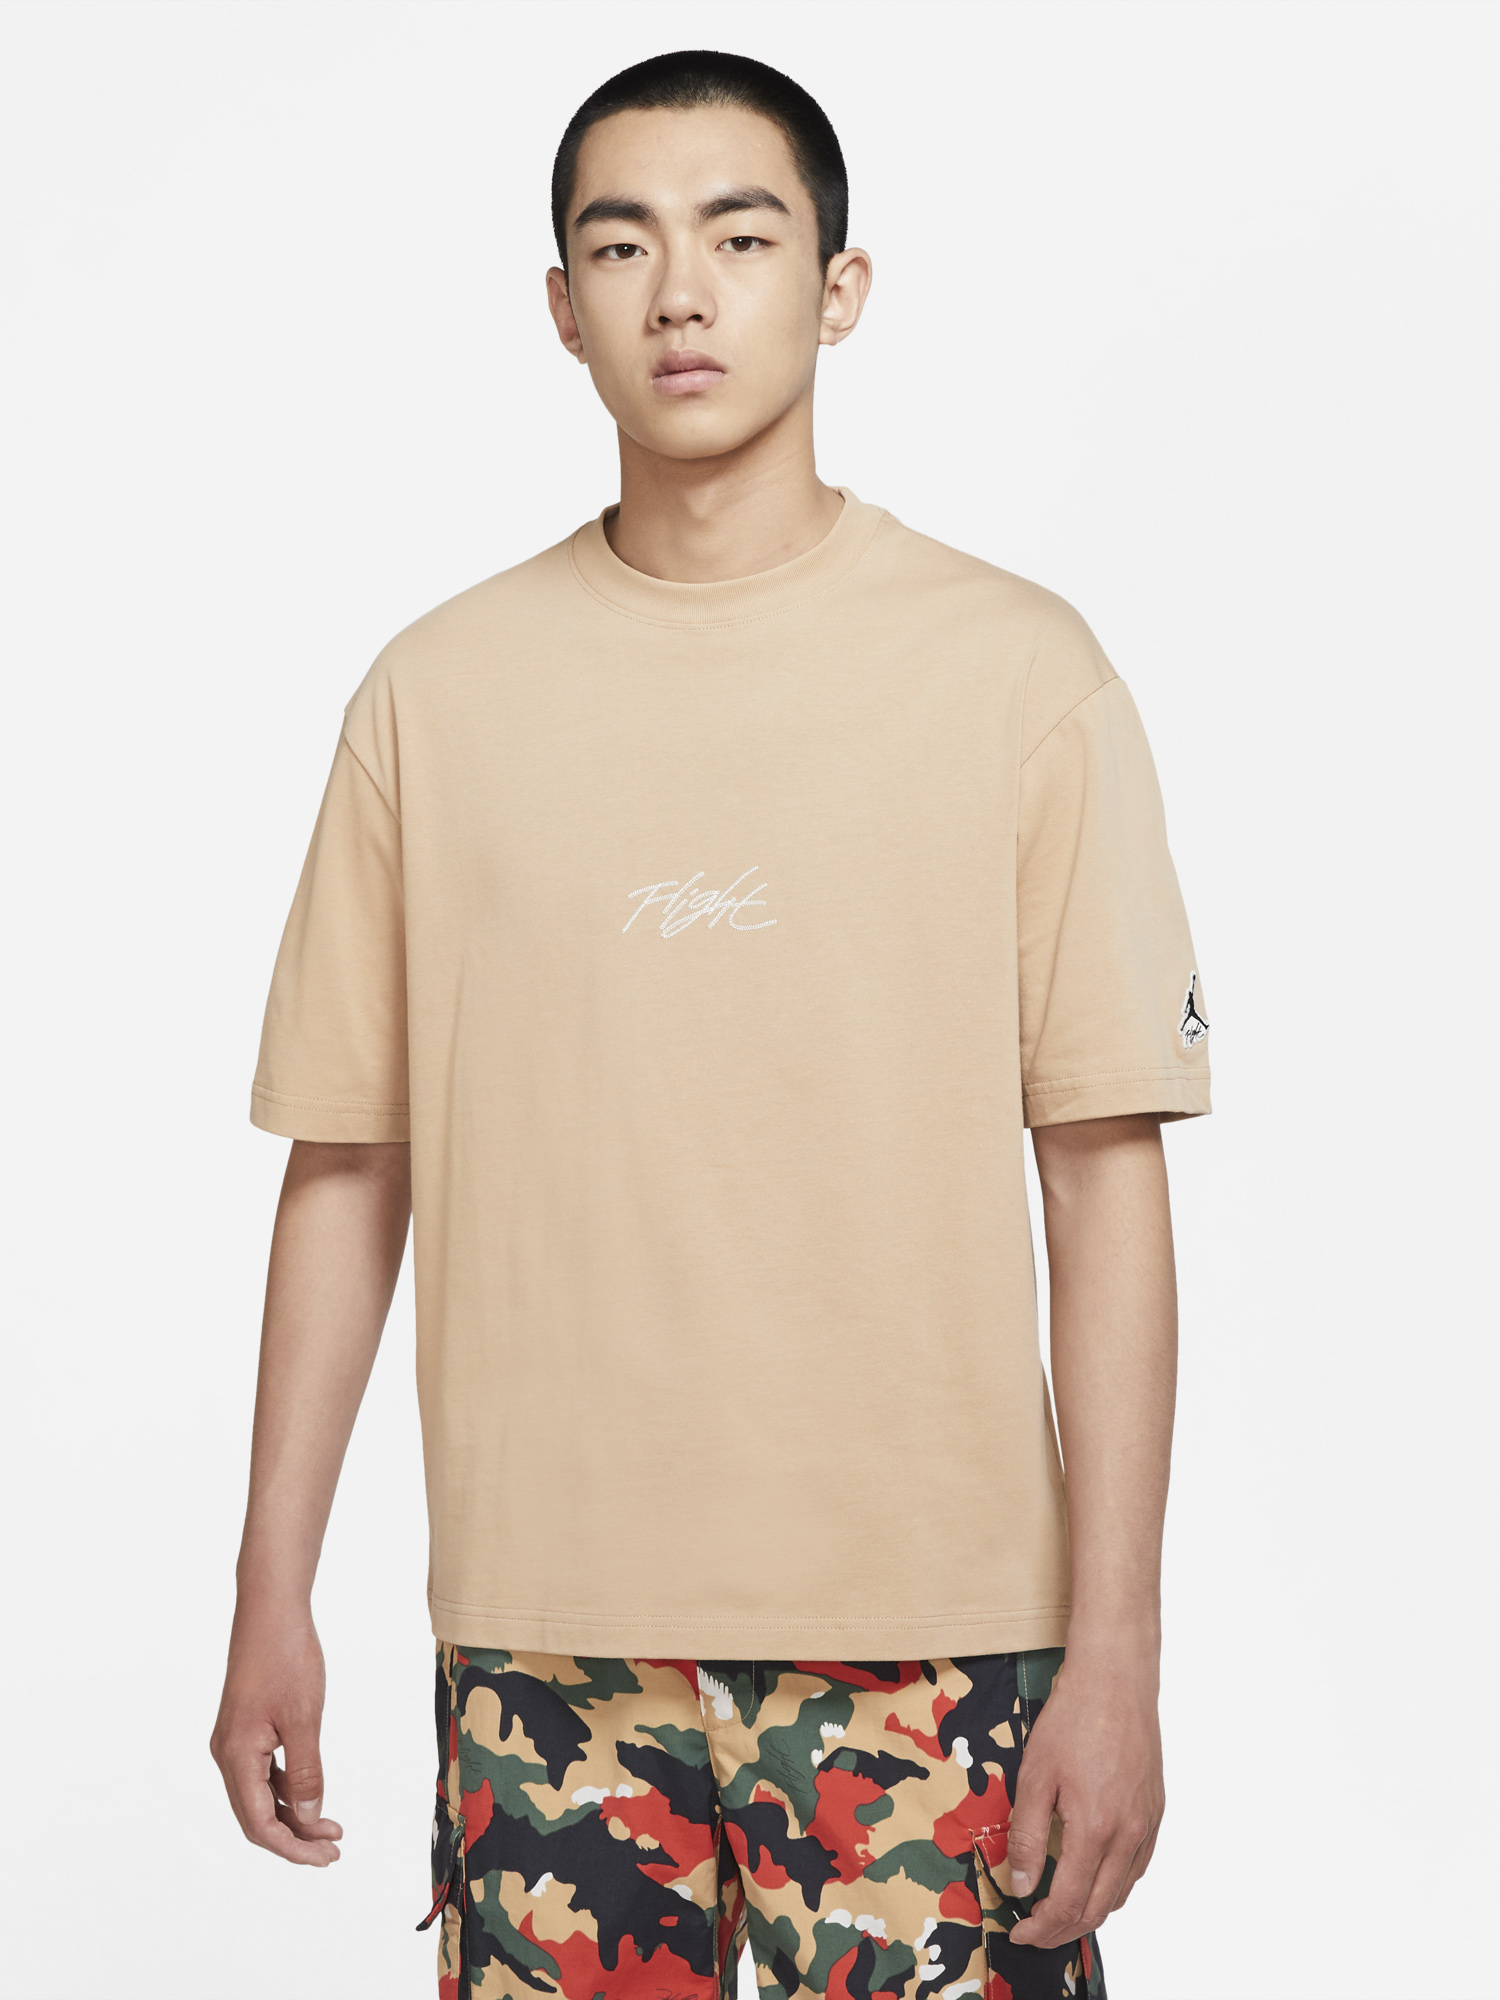 jordan-essential-flight-hemp-tan-shirt